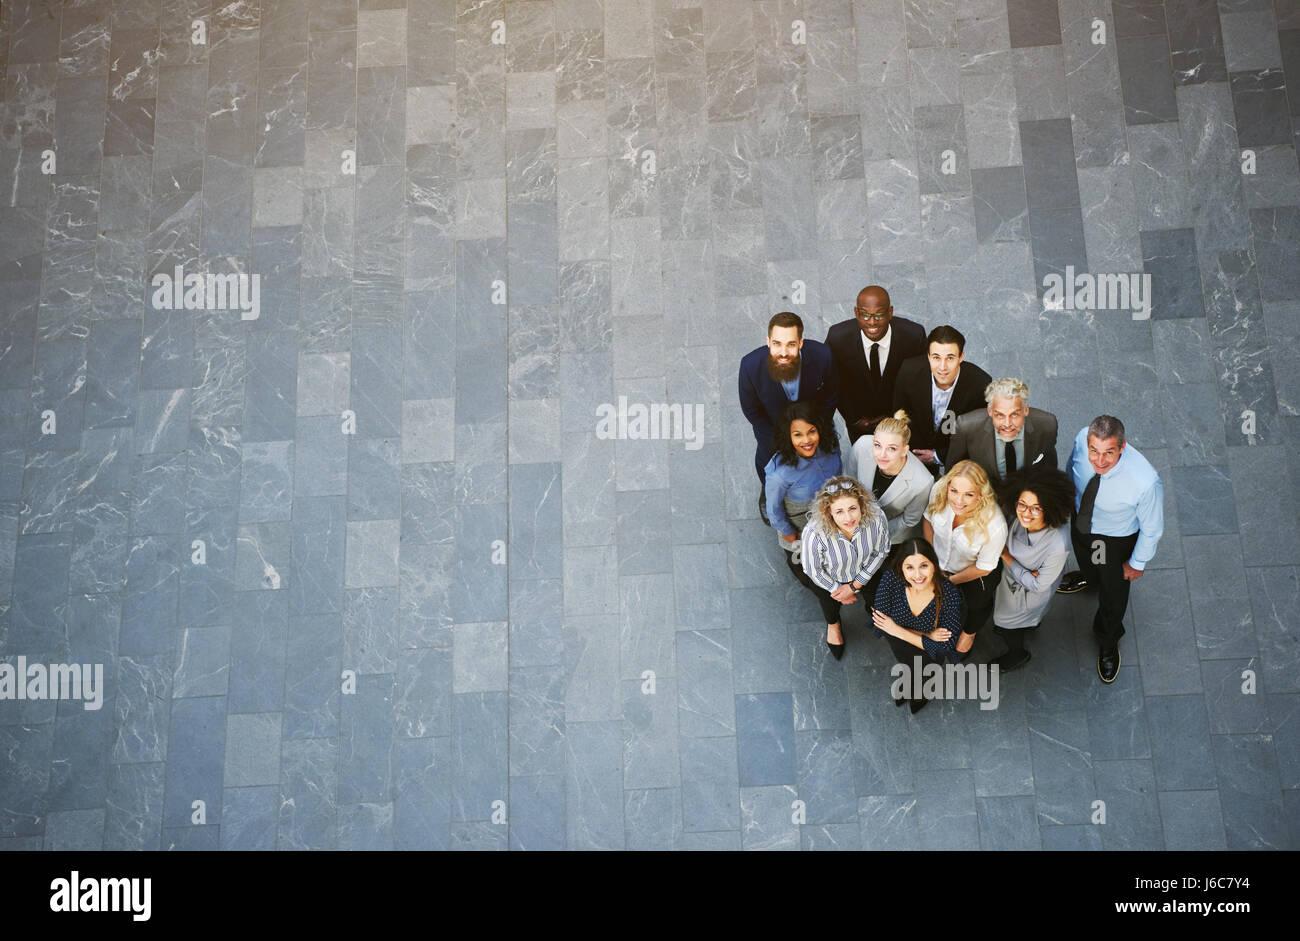 Von oben Team von schwarzen und weißen Männern und Frauen in festlich gekleidet im Büro Halle stehen Stockbild